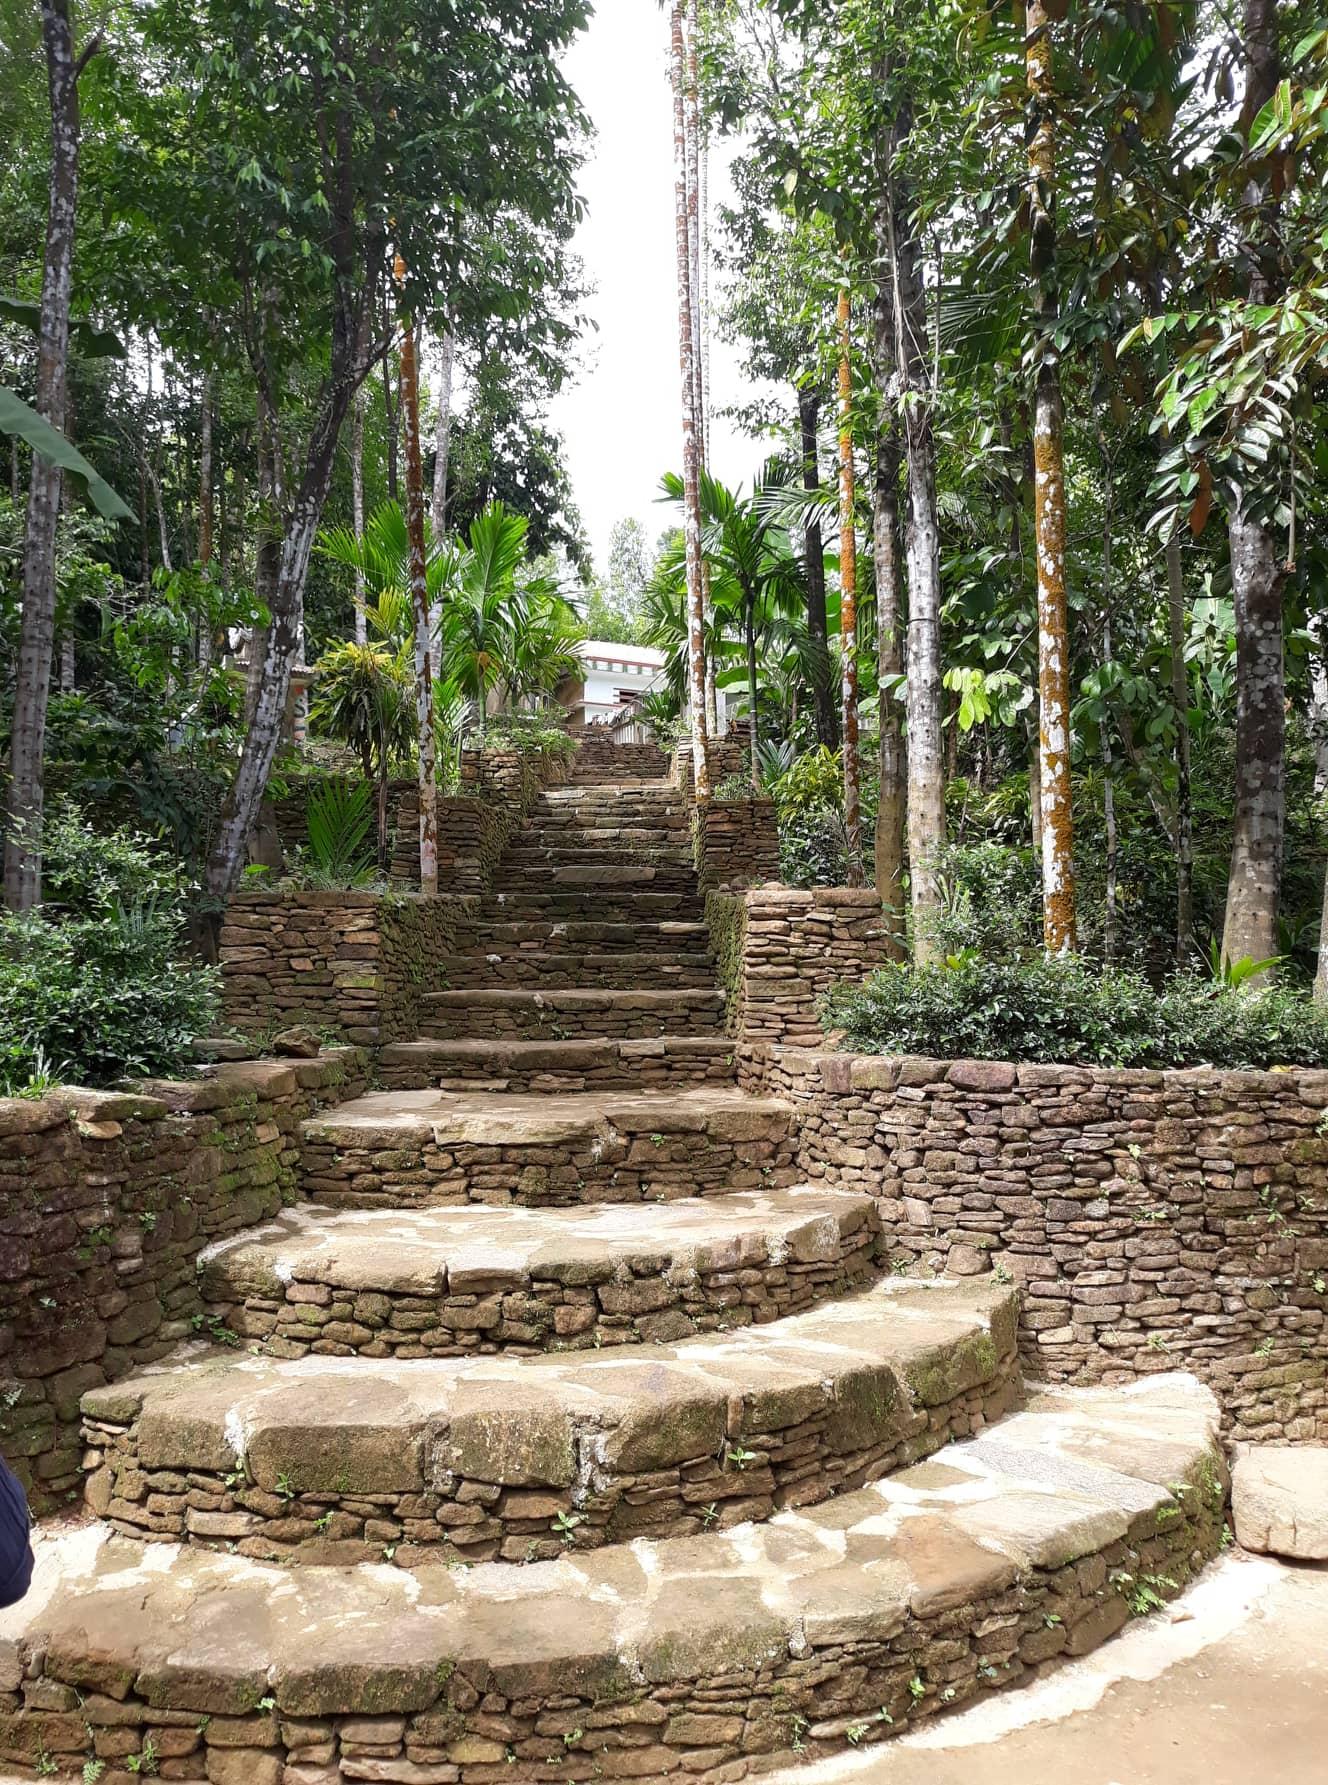 Chuyện về đá và những ngõ đá ở Tiên Cảnh tưởng đã cũ mà hóa ra luôn mới với nhiều trầm tích và những triết lý sống. Ảnh: B.A